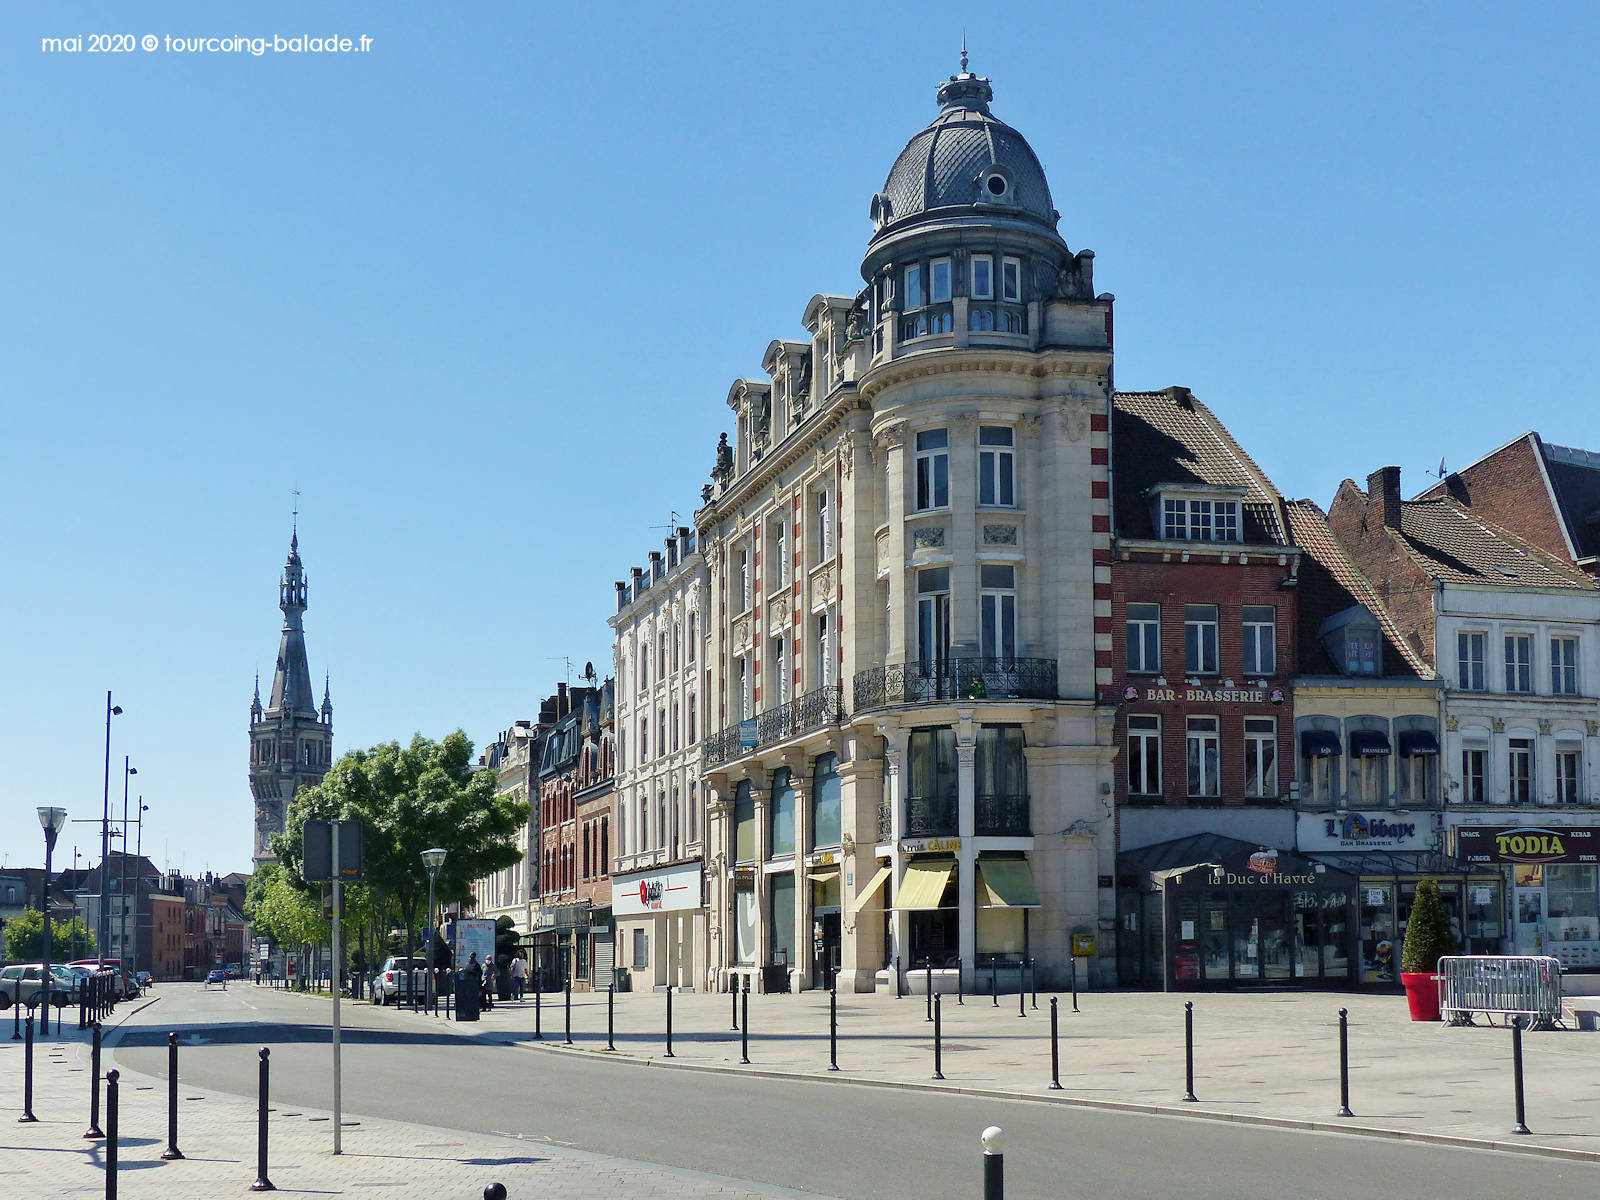 Maison de Maître, Place de la République, Tourcoing 2020